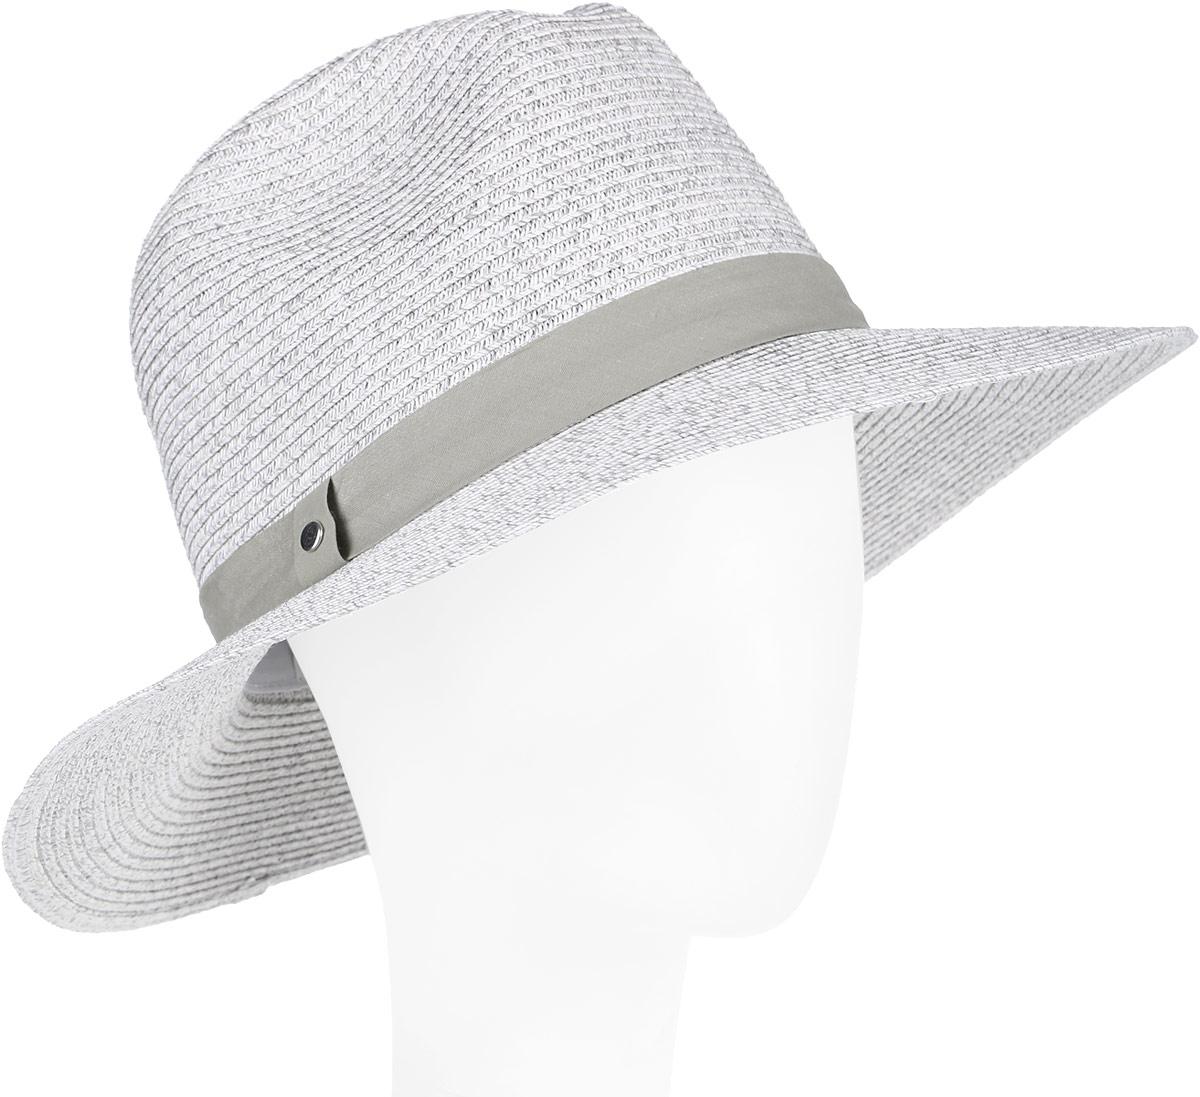 Шляпа женская Fabretti, цвет: серый. G36-9. Размер универсальныйG36-9 GREYСтильная шляпа от Fabretti для пляжного отдыха и прогулок в солнечные дни.